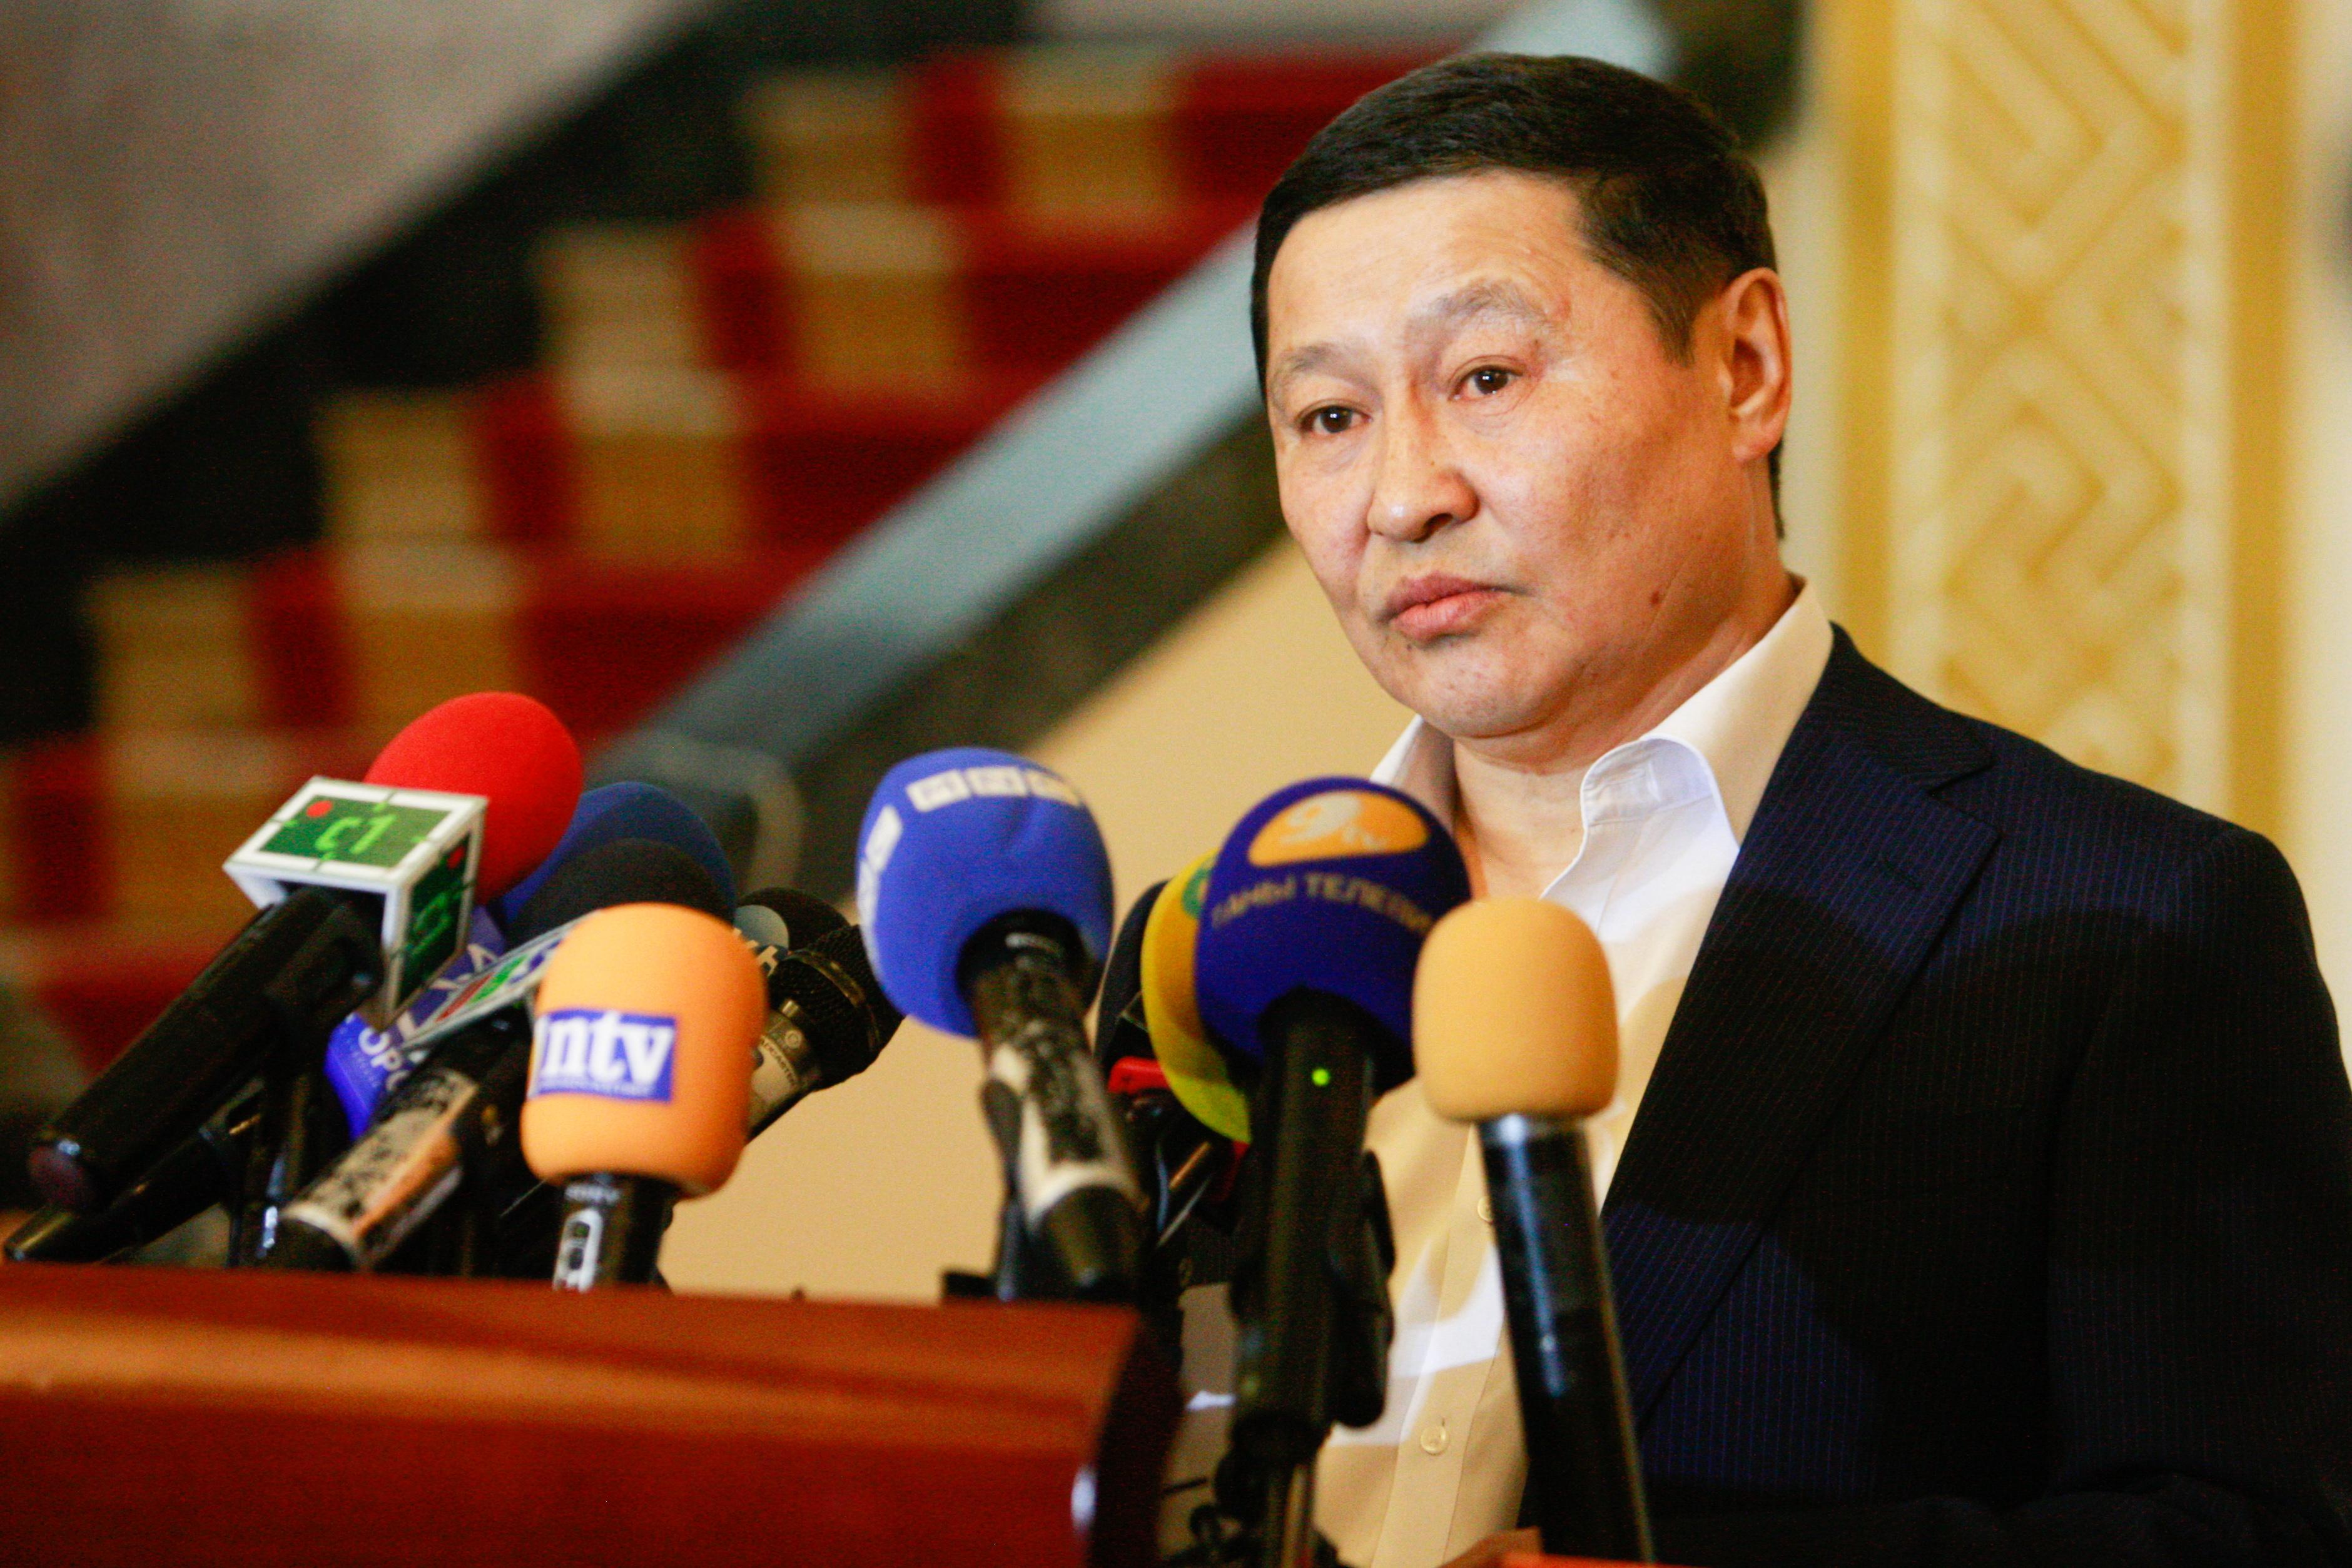 Н.Алтанхуяг: Би яахав ээ цаана чинь Монгол Улсын асуудал хэцүү байна